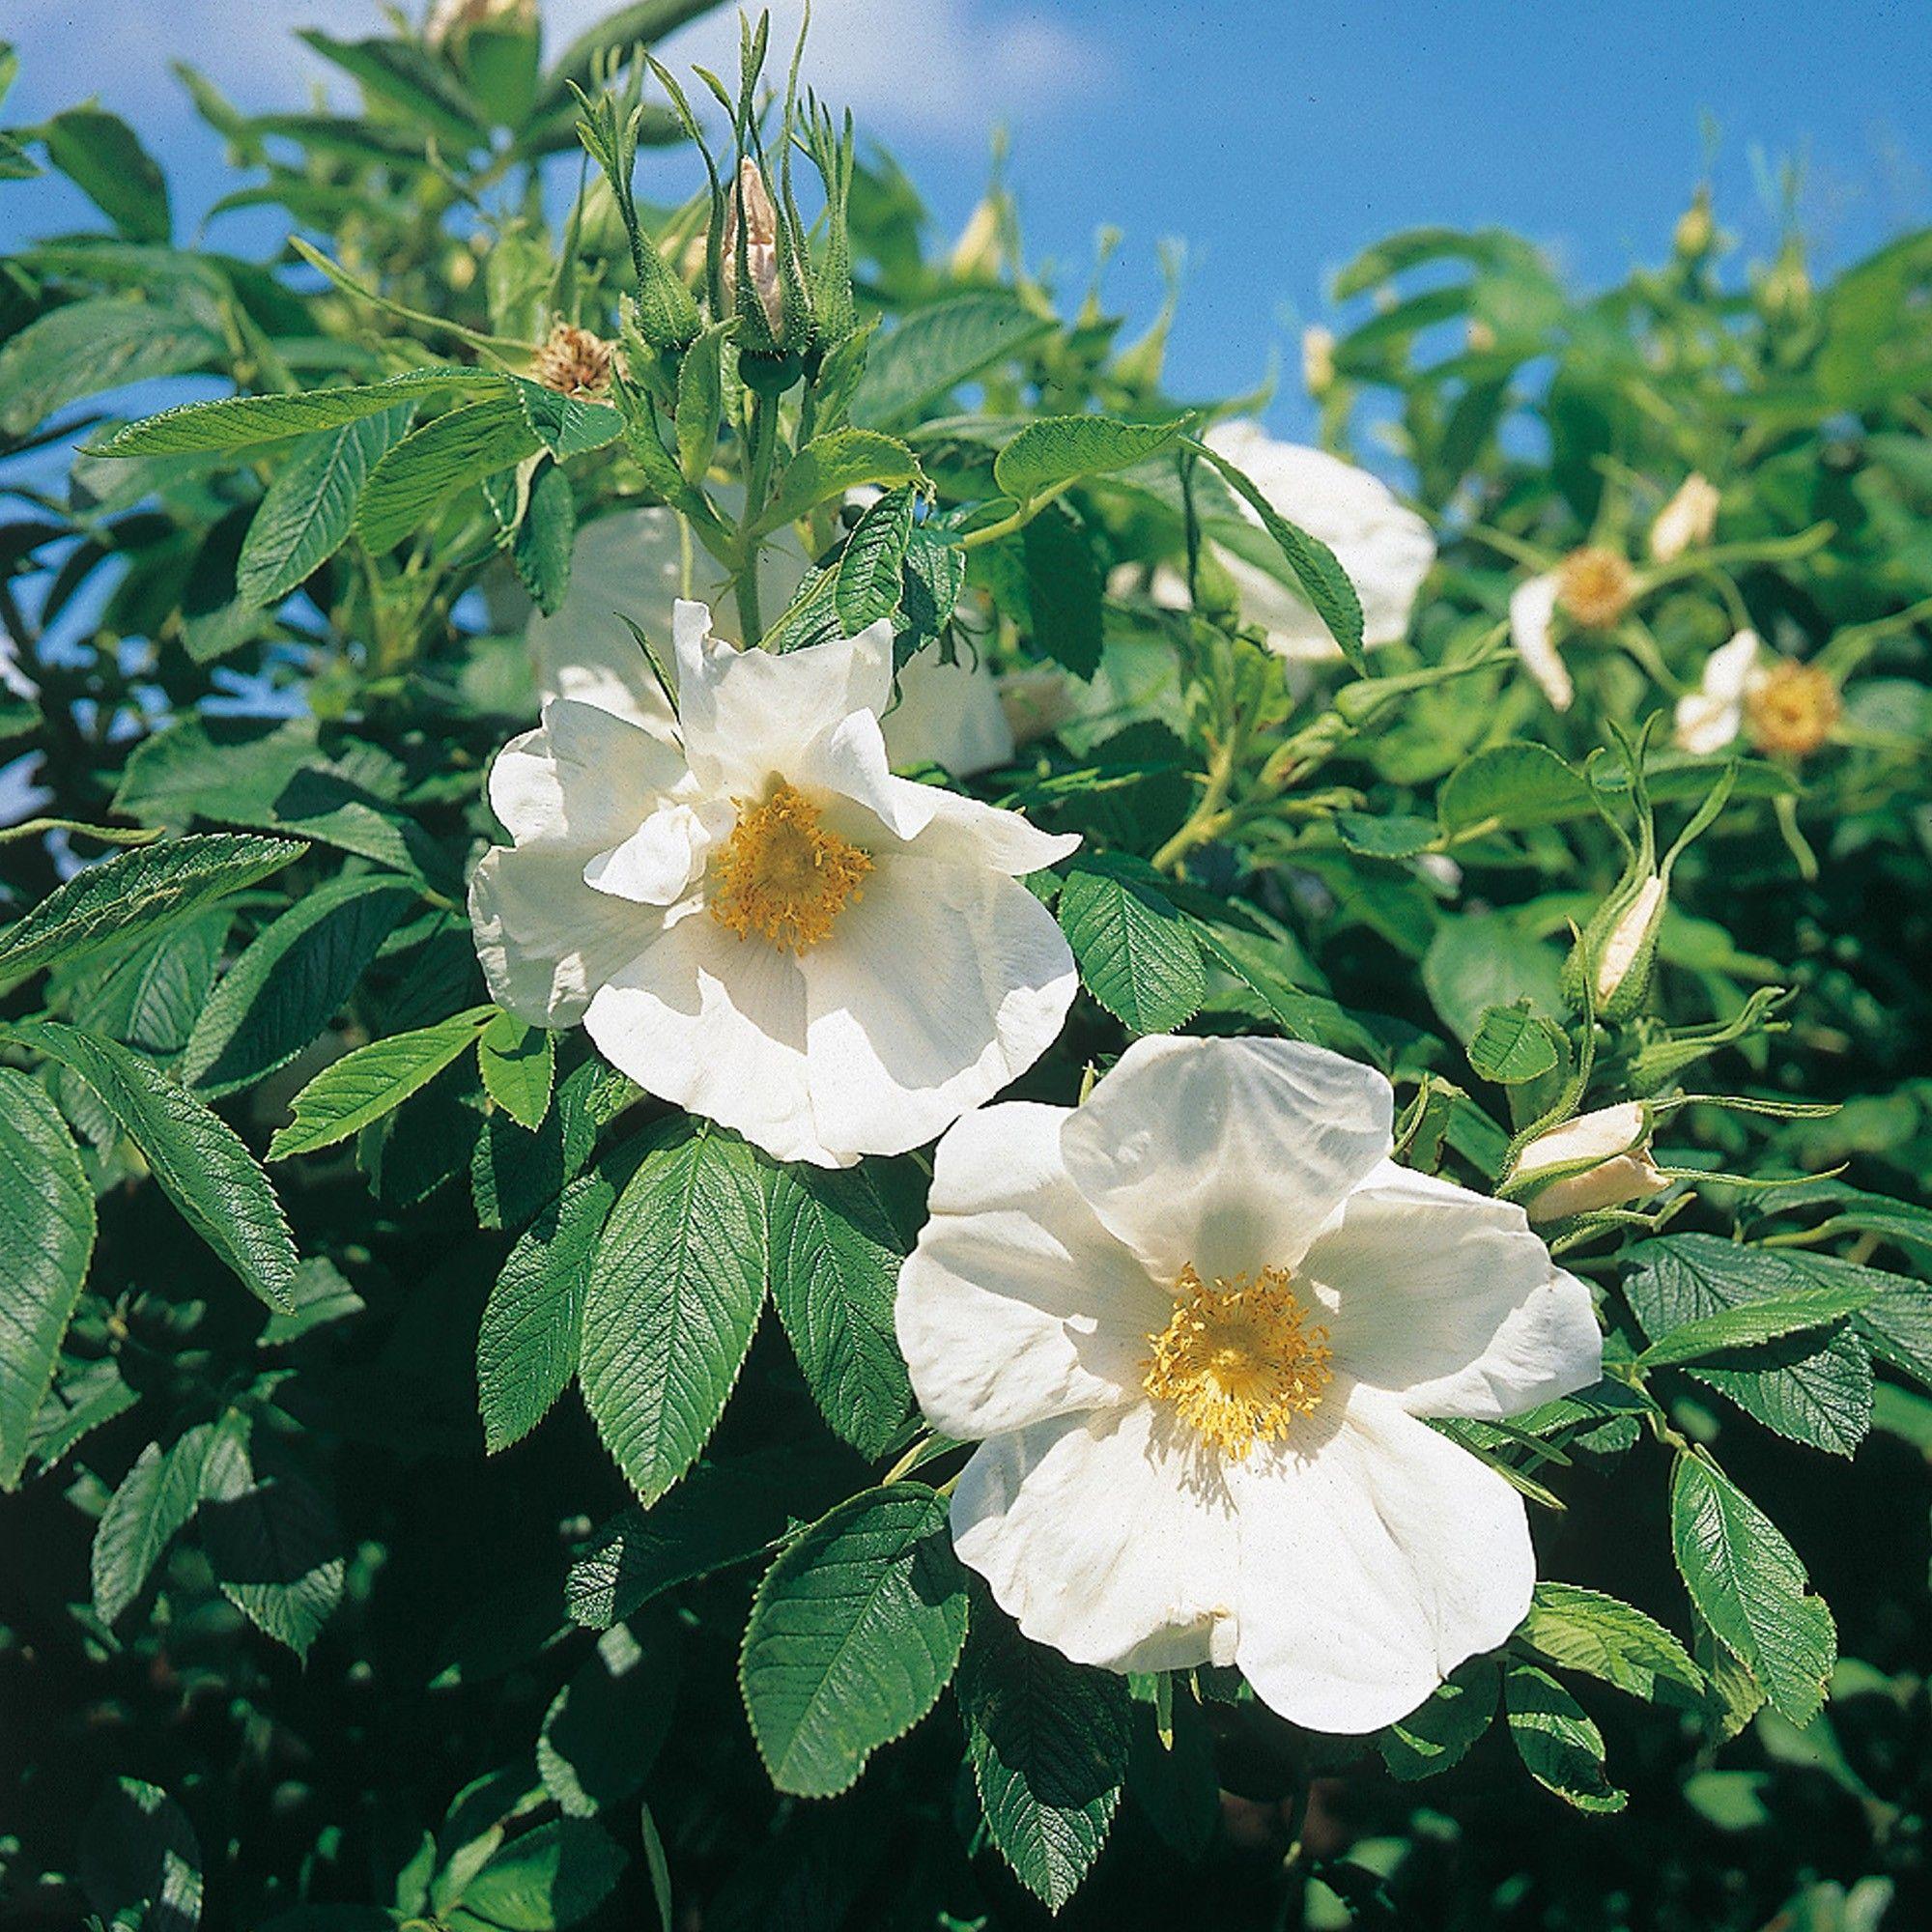 Nyveldt's White   Types of roses, Shrub roses, David austin roses